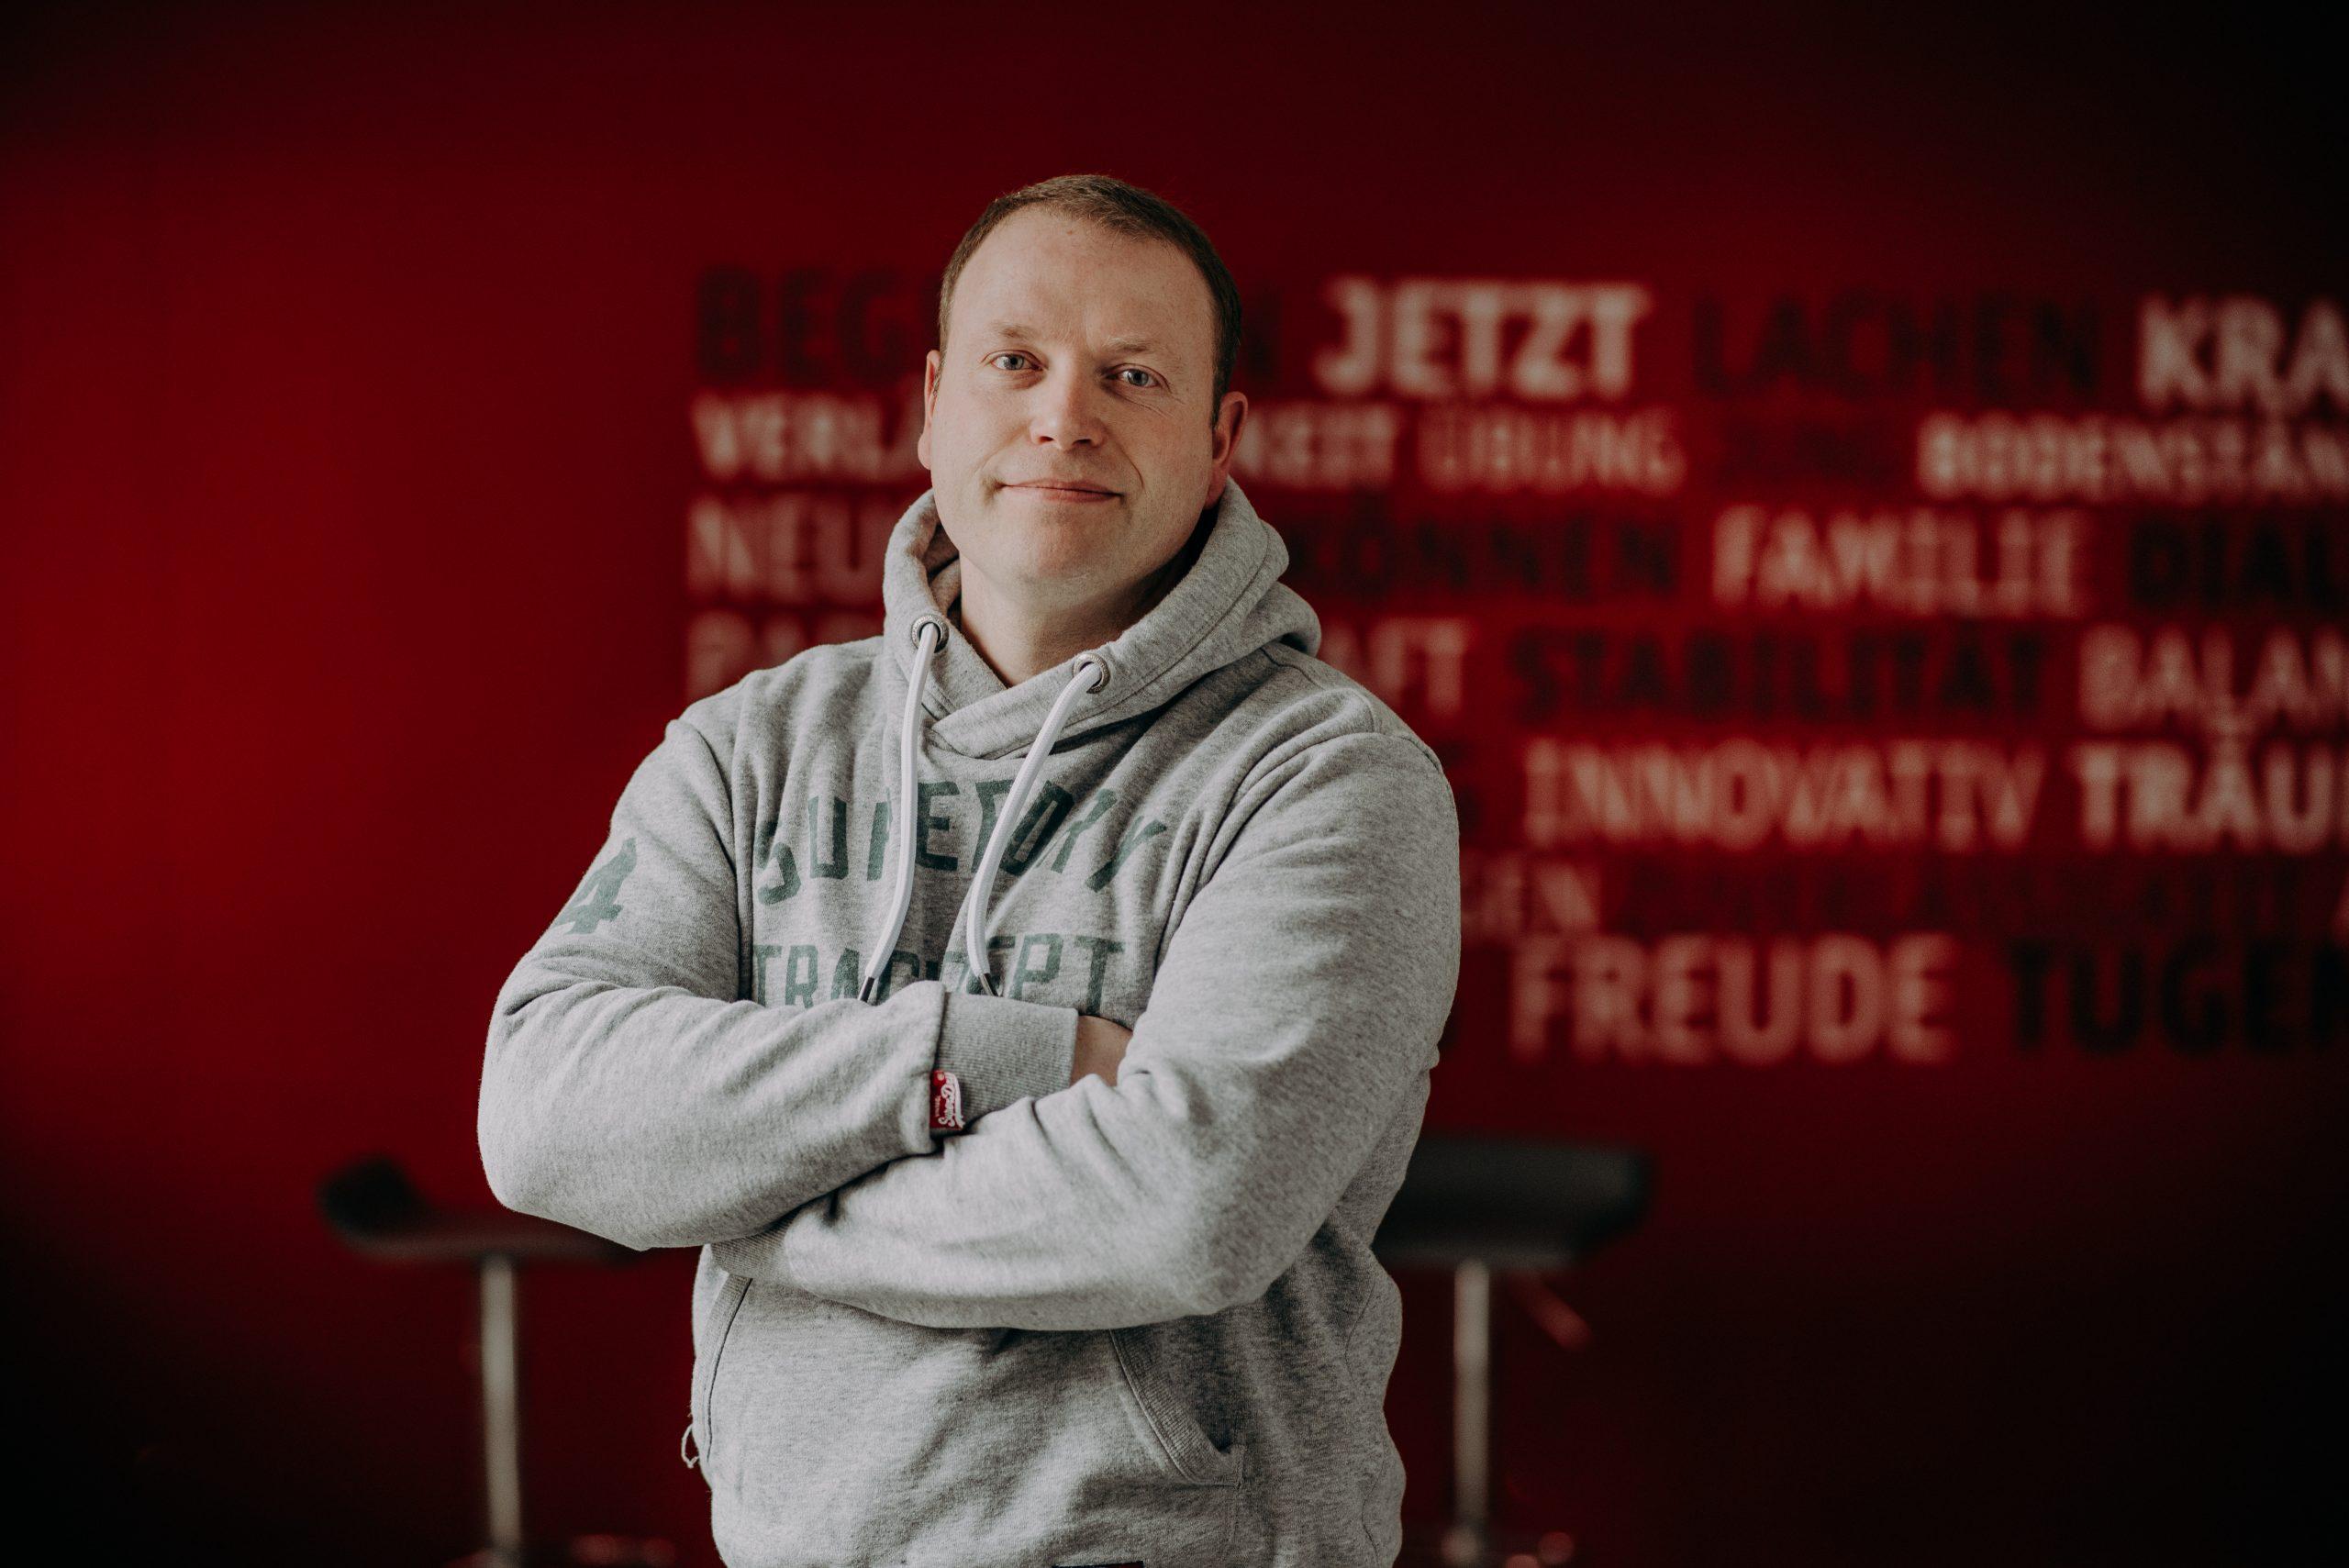 Mann steht mit verschränkten Armen vor roter Wand